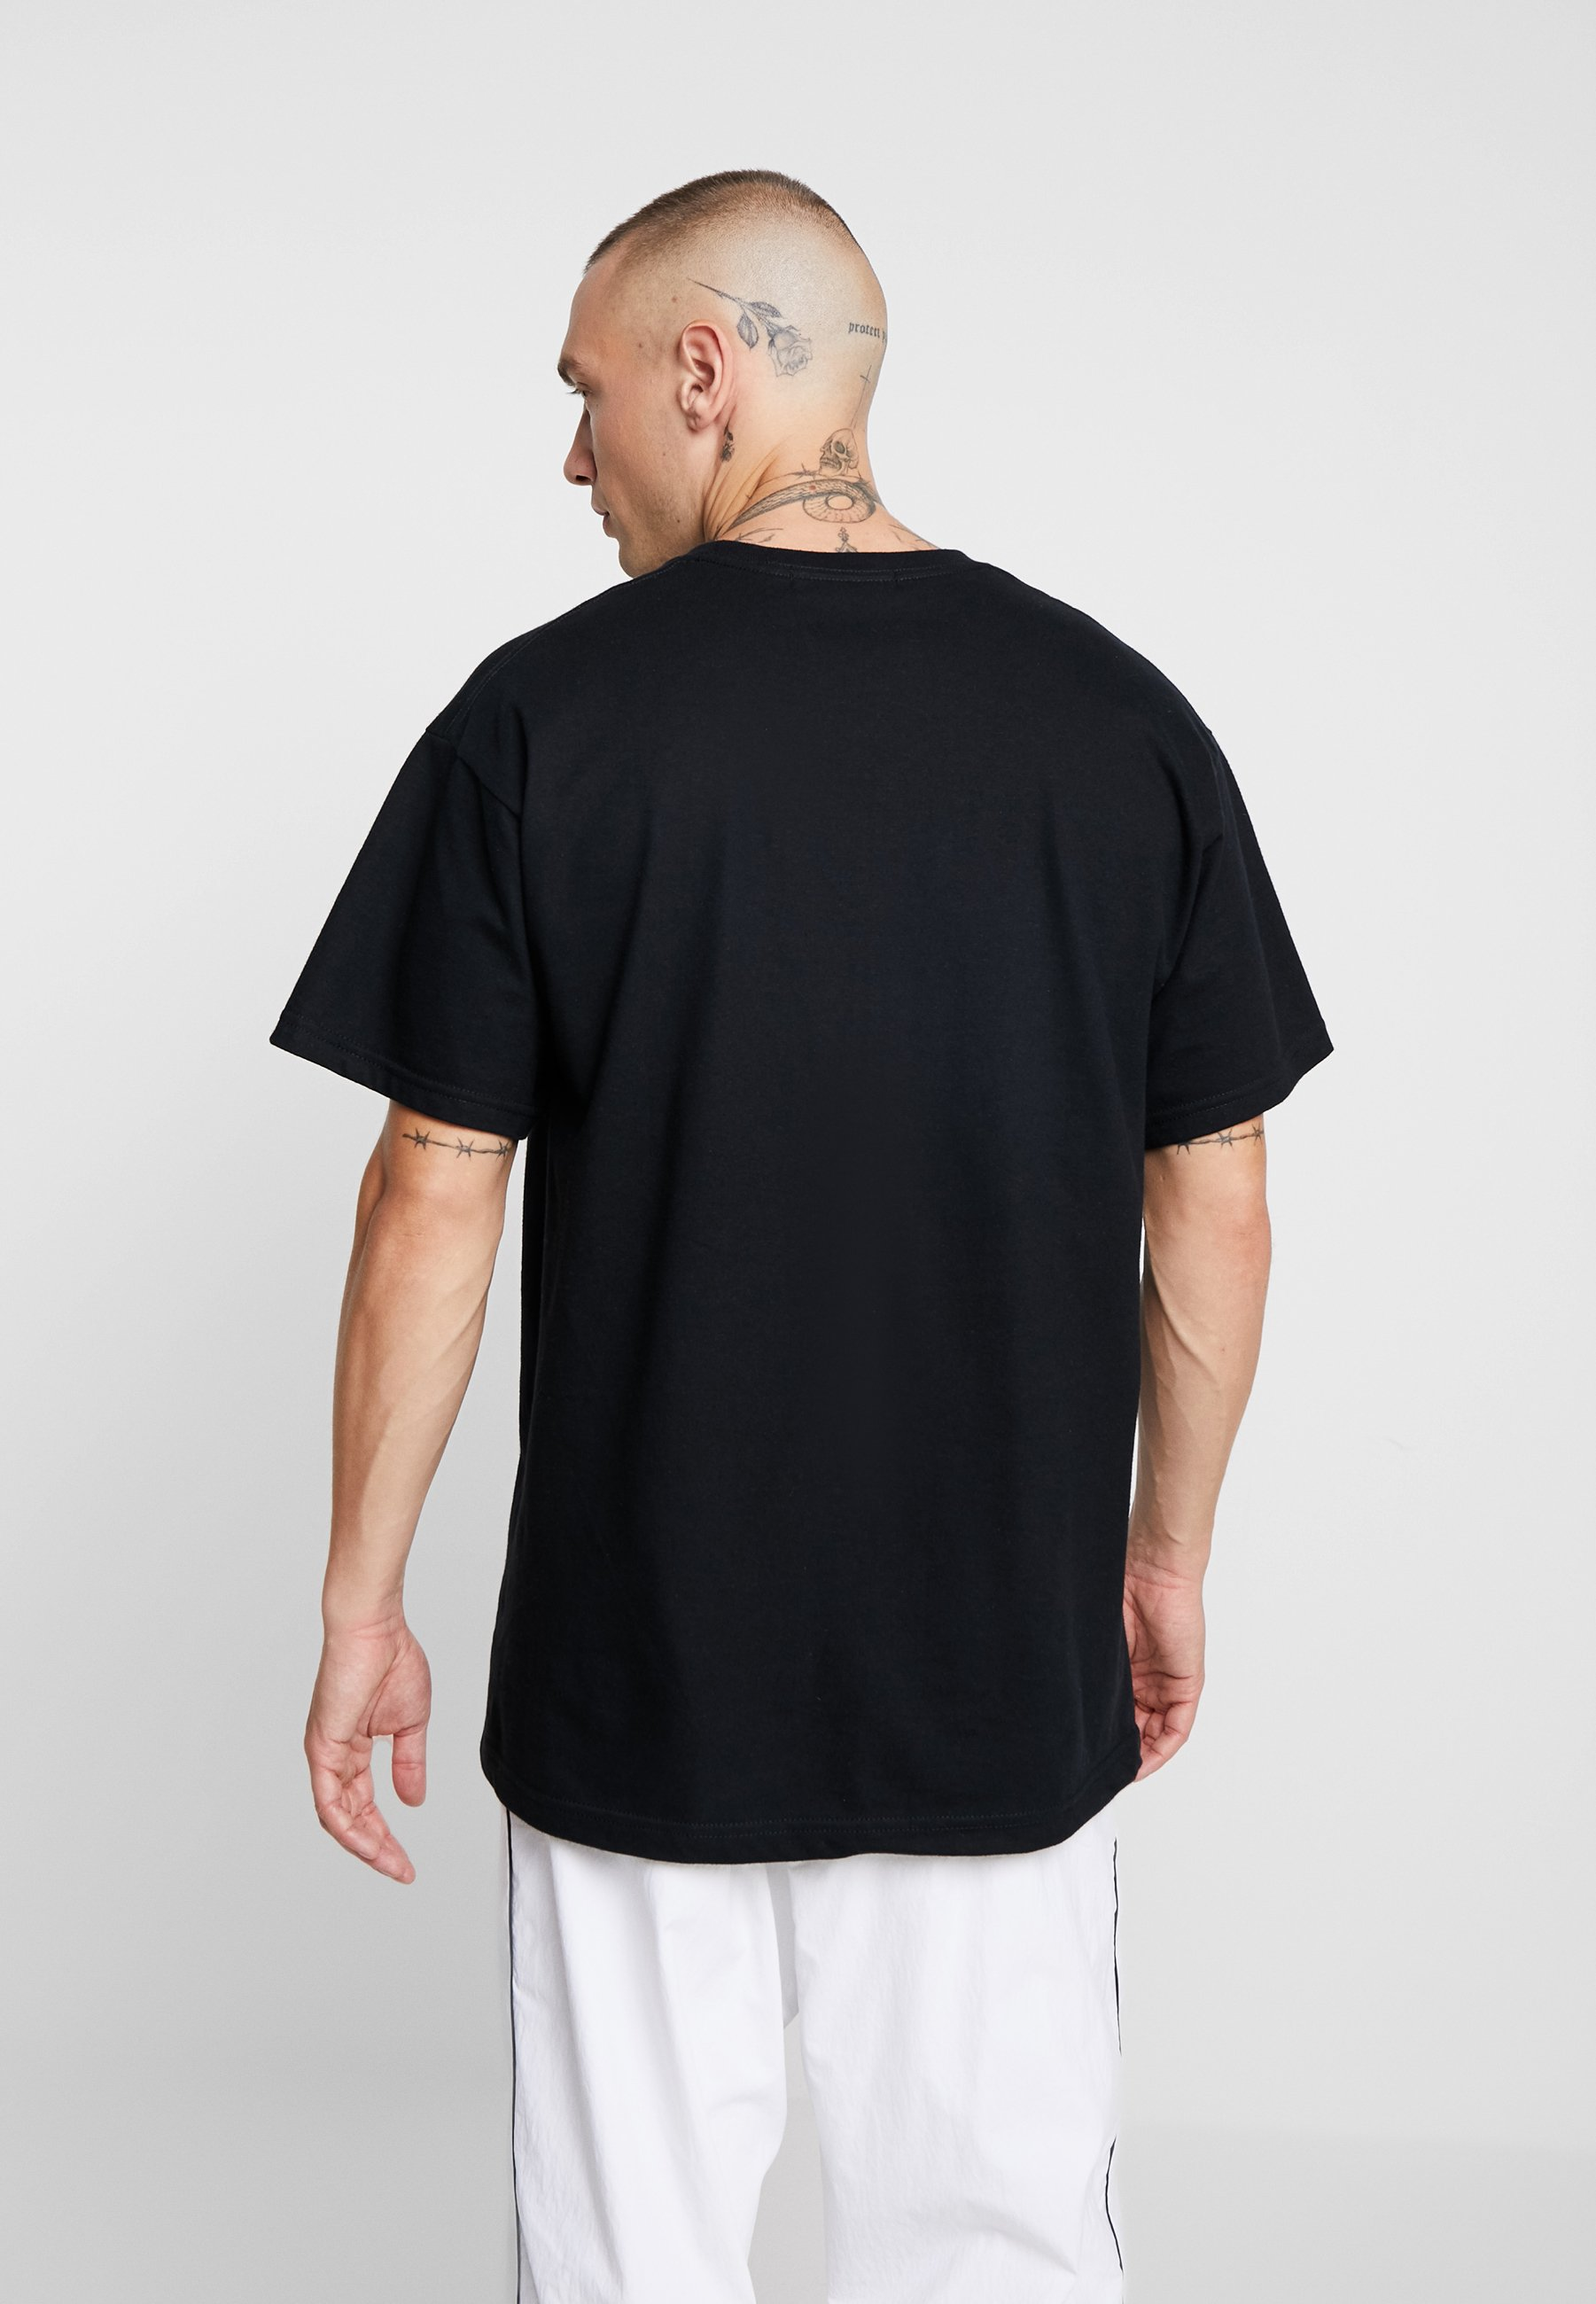 GraphicT Black shirt GraphicT Imprimé Mennace Mennace drexBoC